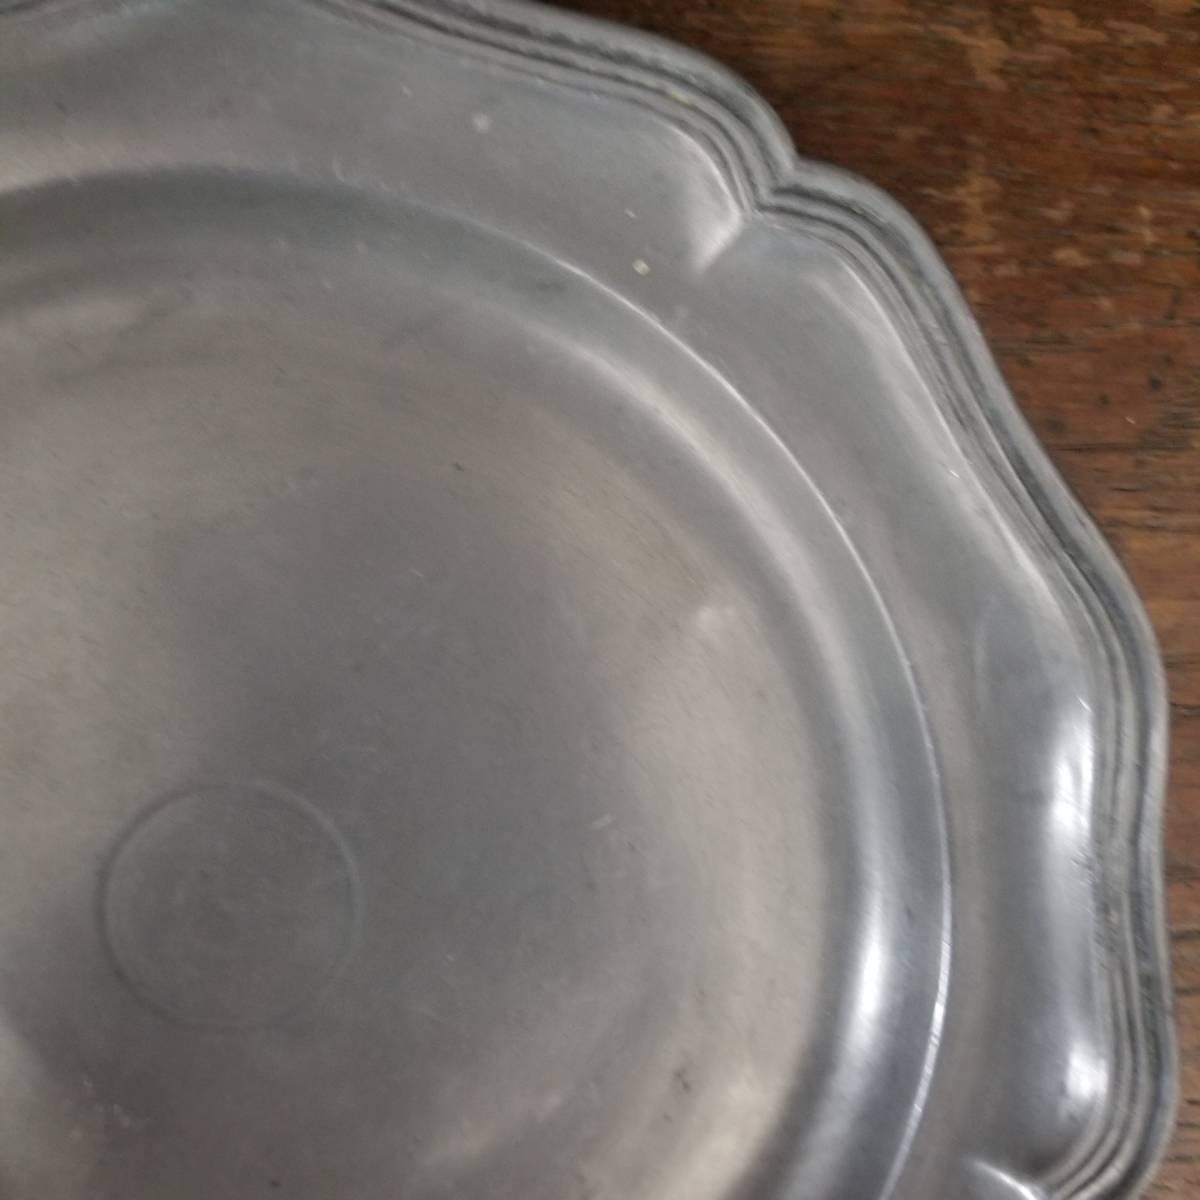 アンティーク 花リム ピュータープレート 23㎝ ④ エタンプレート 錫のお皿 フランス ヴィンテージ ブロカント シャビーシック 古道具_画像2